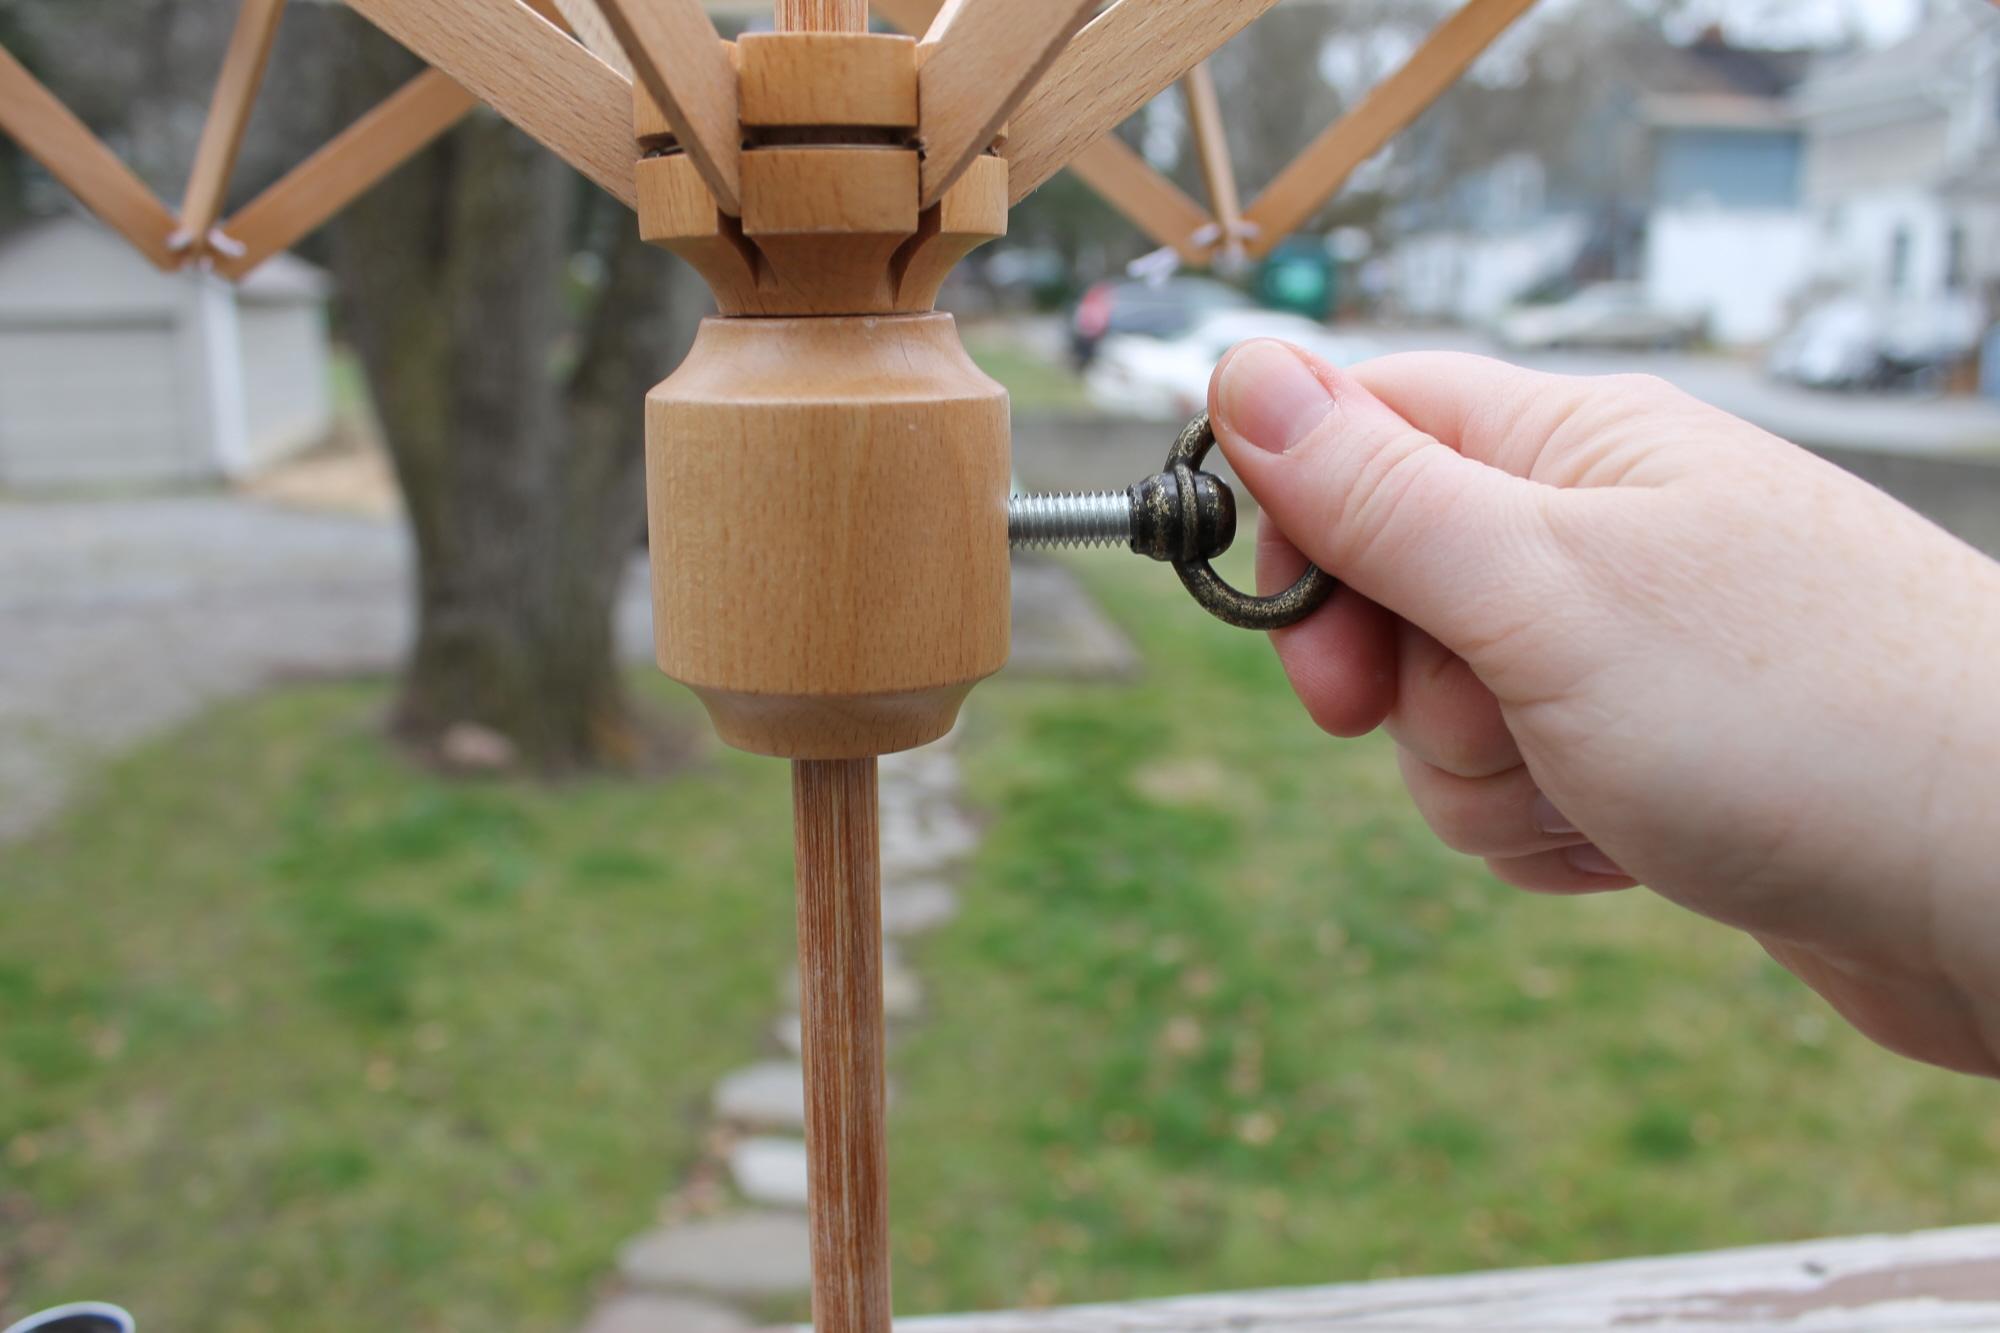 Securing a yarn swift